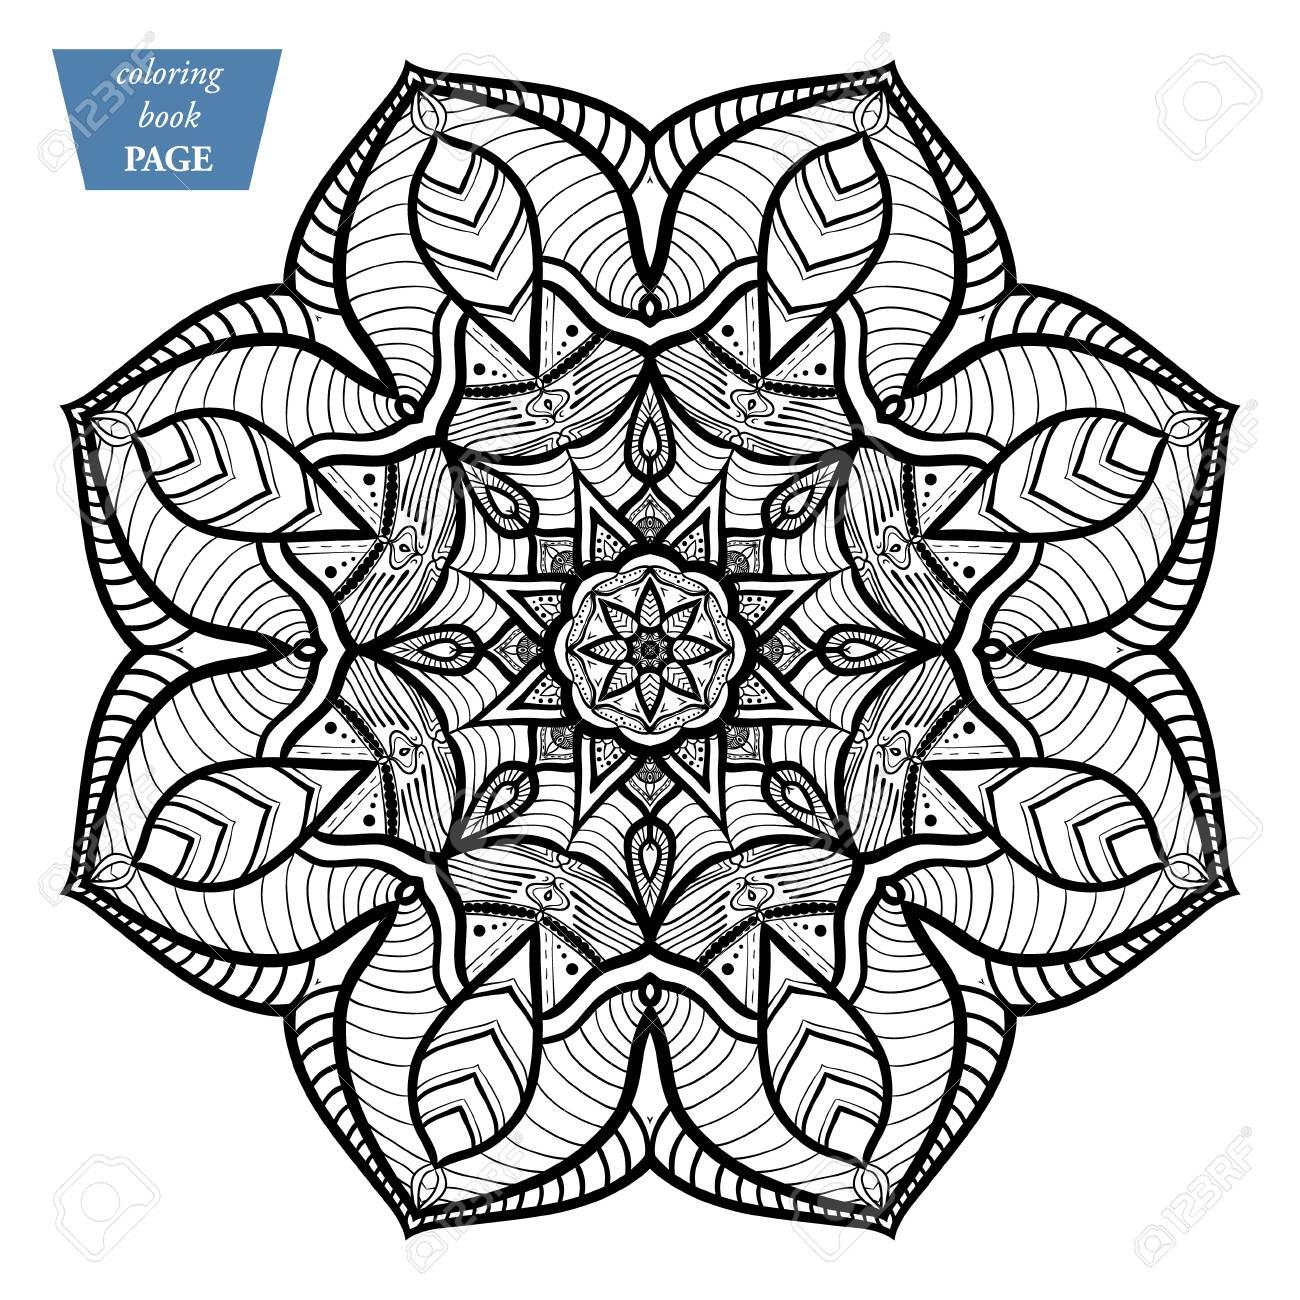 Mandala Dibujo Para Colorear Vintage Elementos Decorativos Patrón